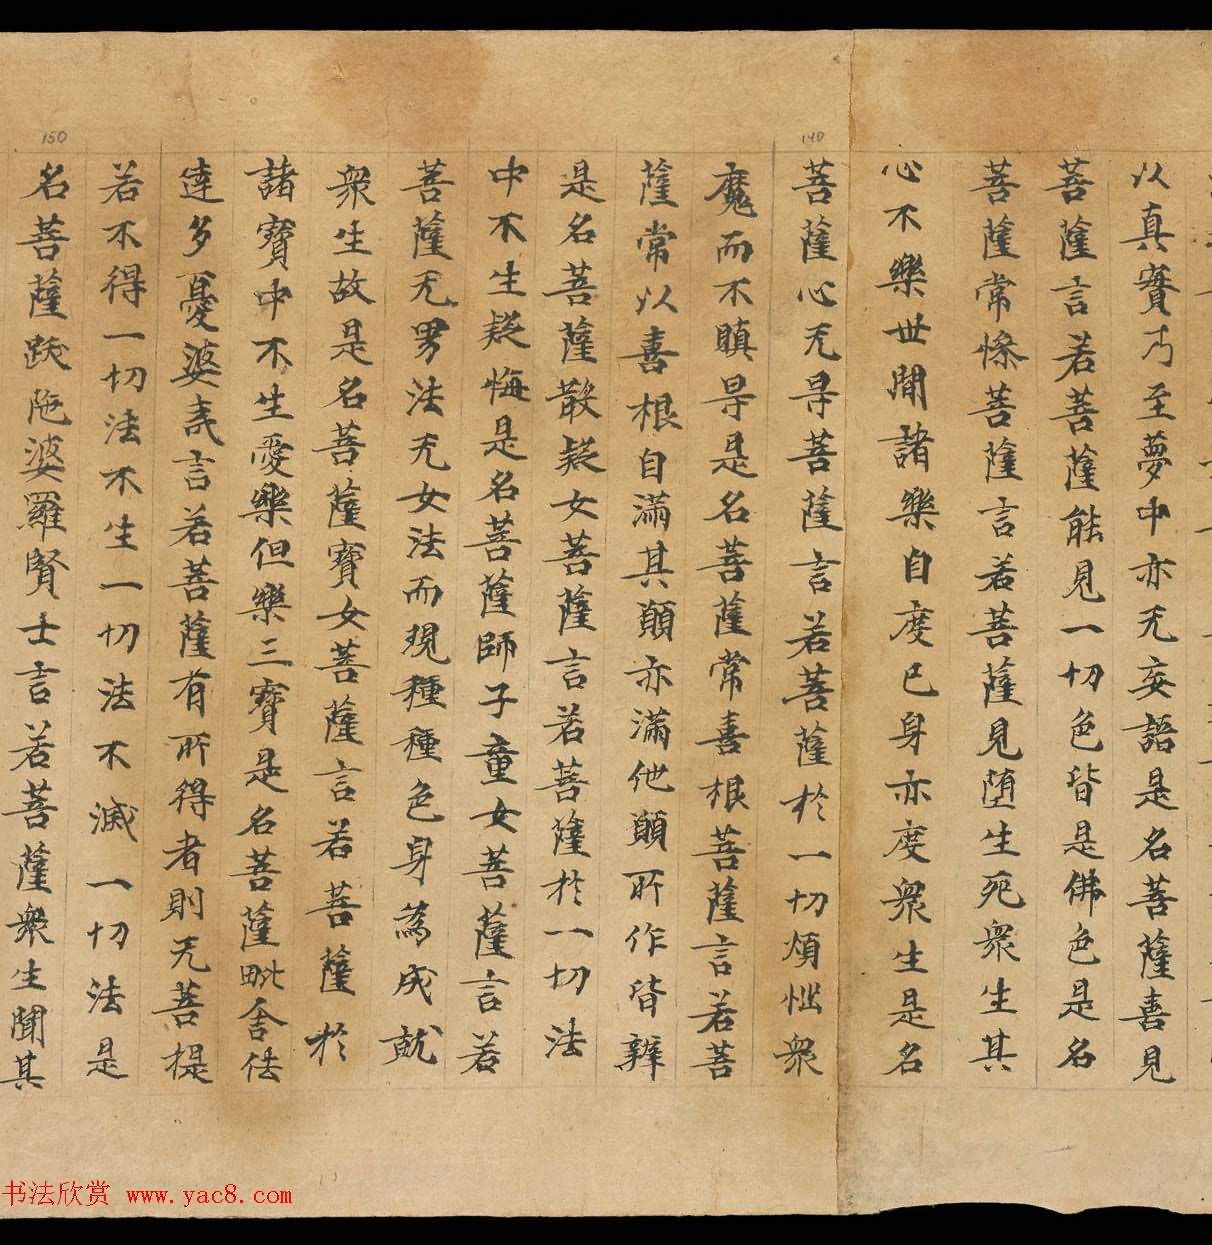 敦煌書法文獻賞析《思益梵天所問經卷第三》俄藏